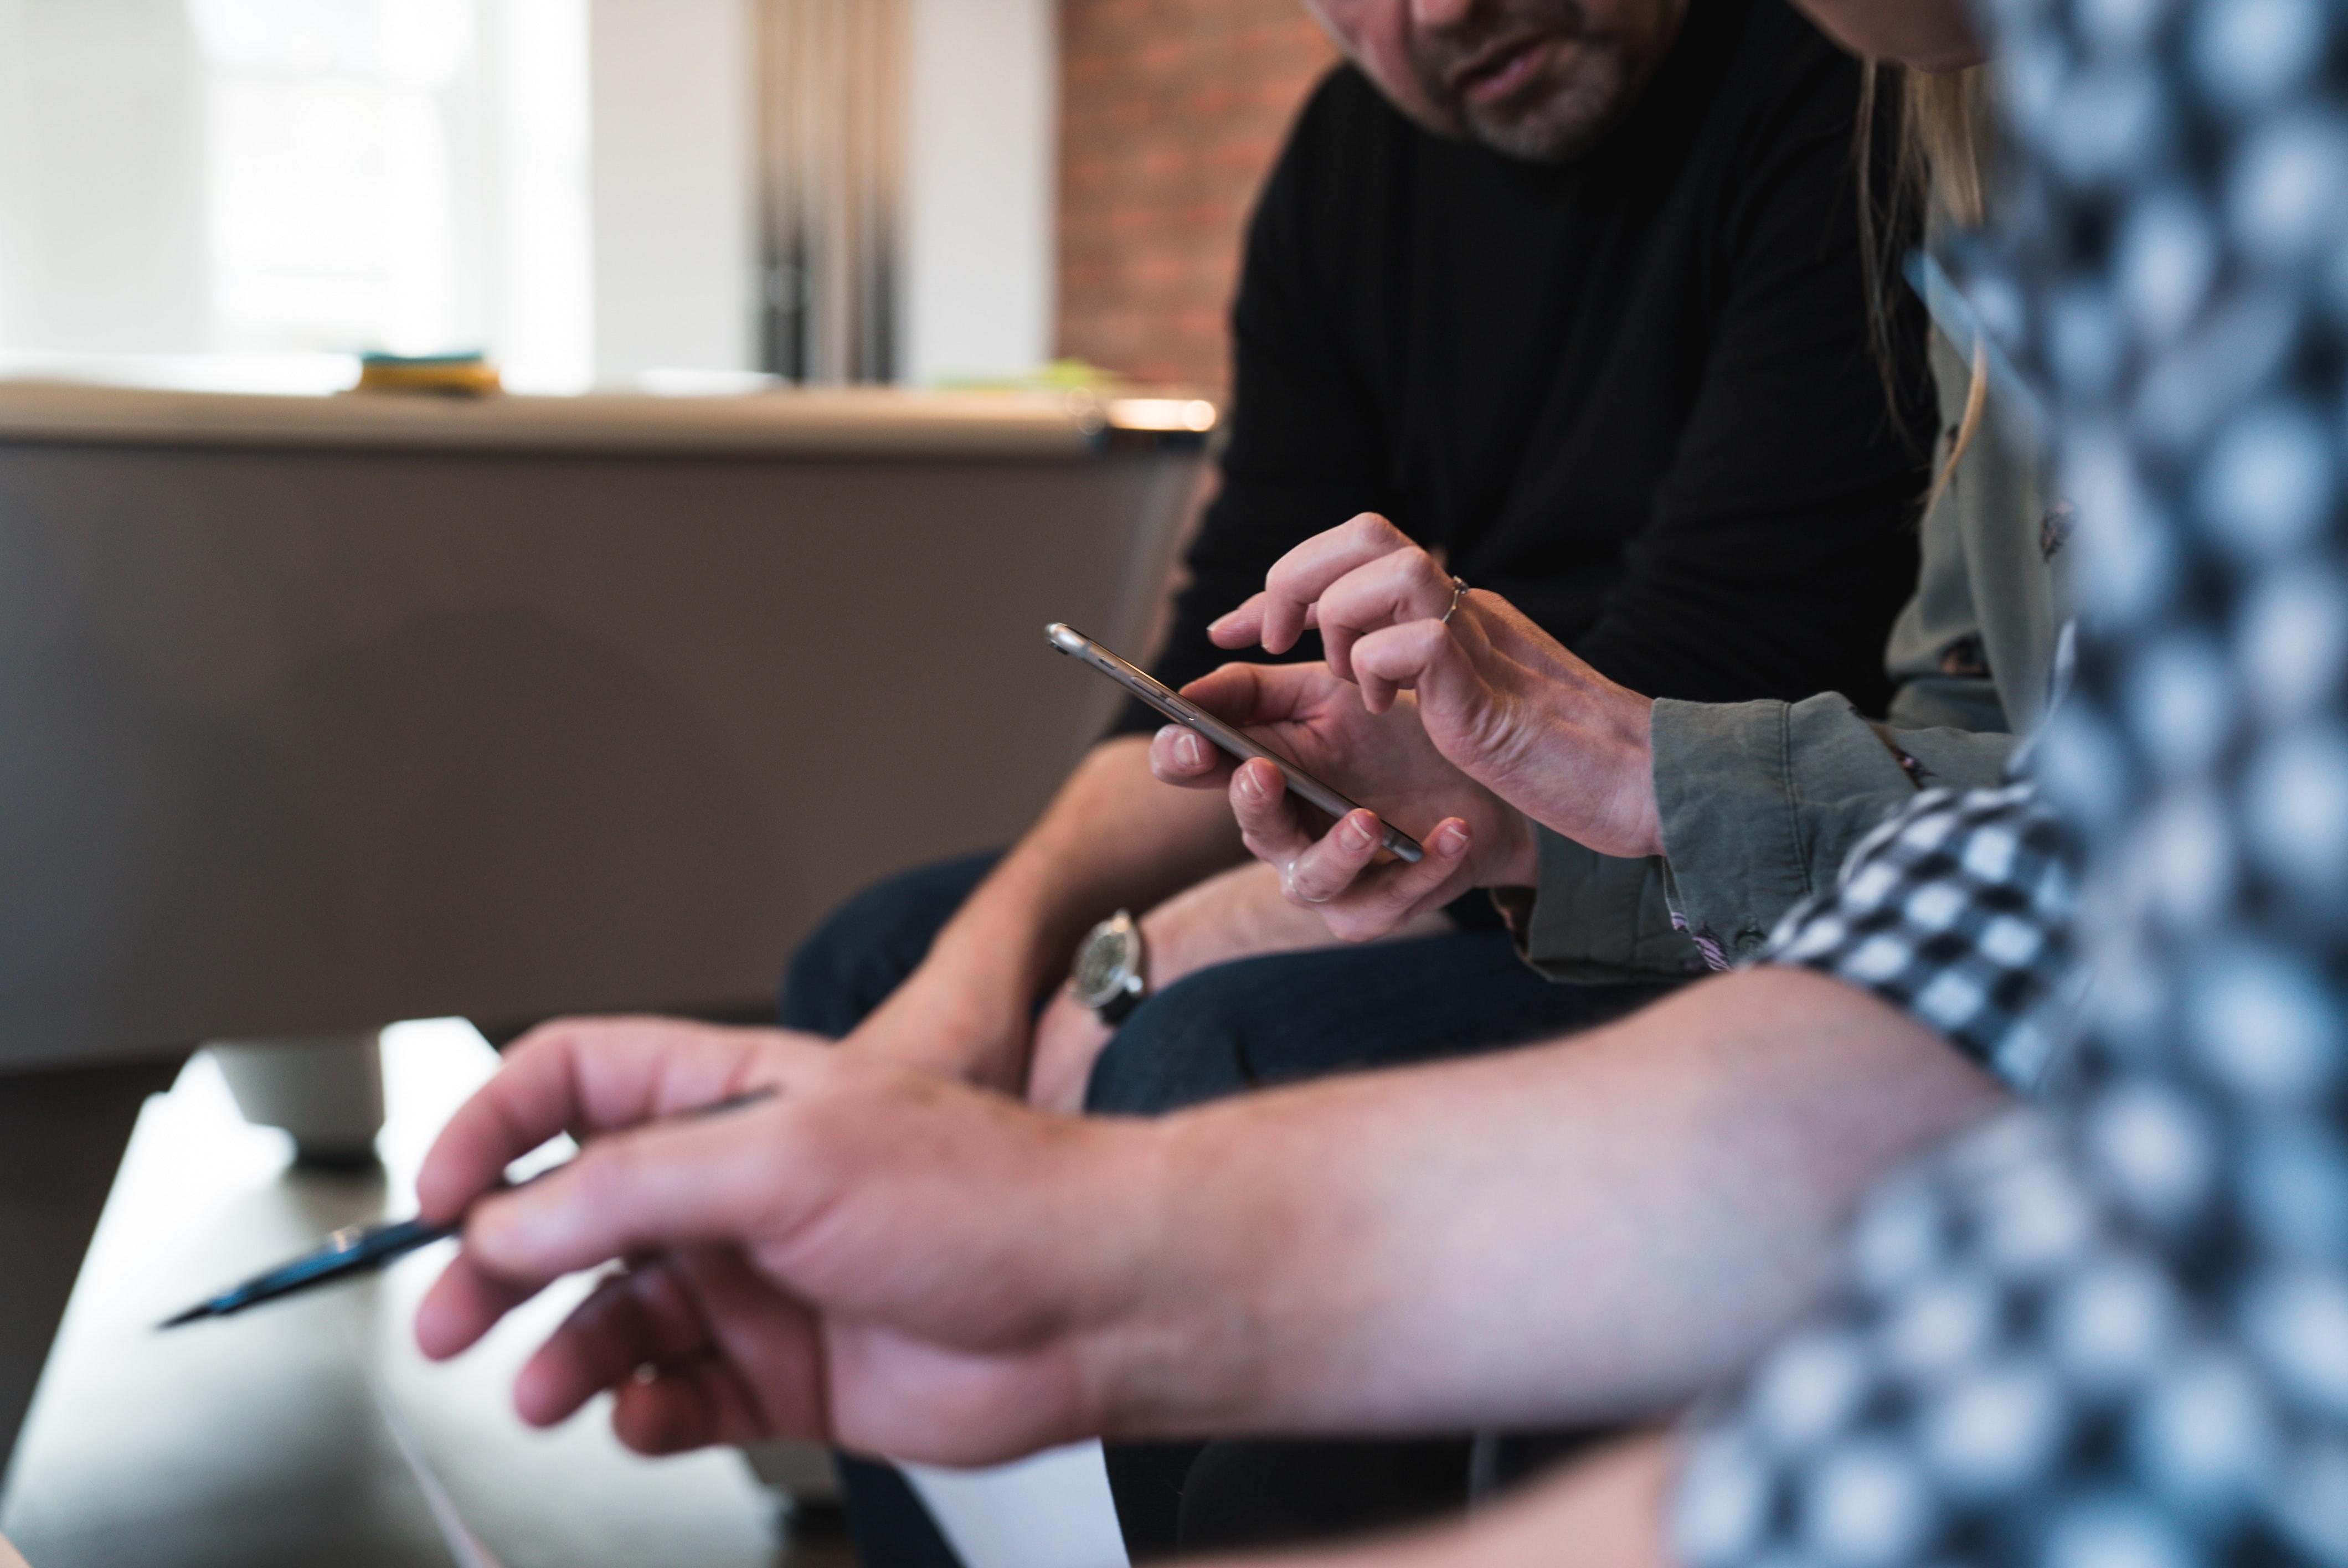 Eunoia Digital - Tests con usuarios: qué pasos llevar a cabo